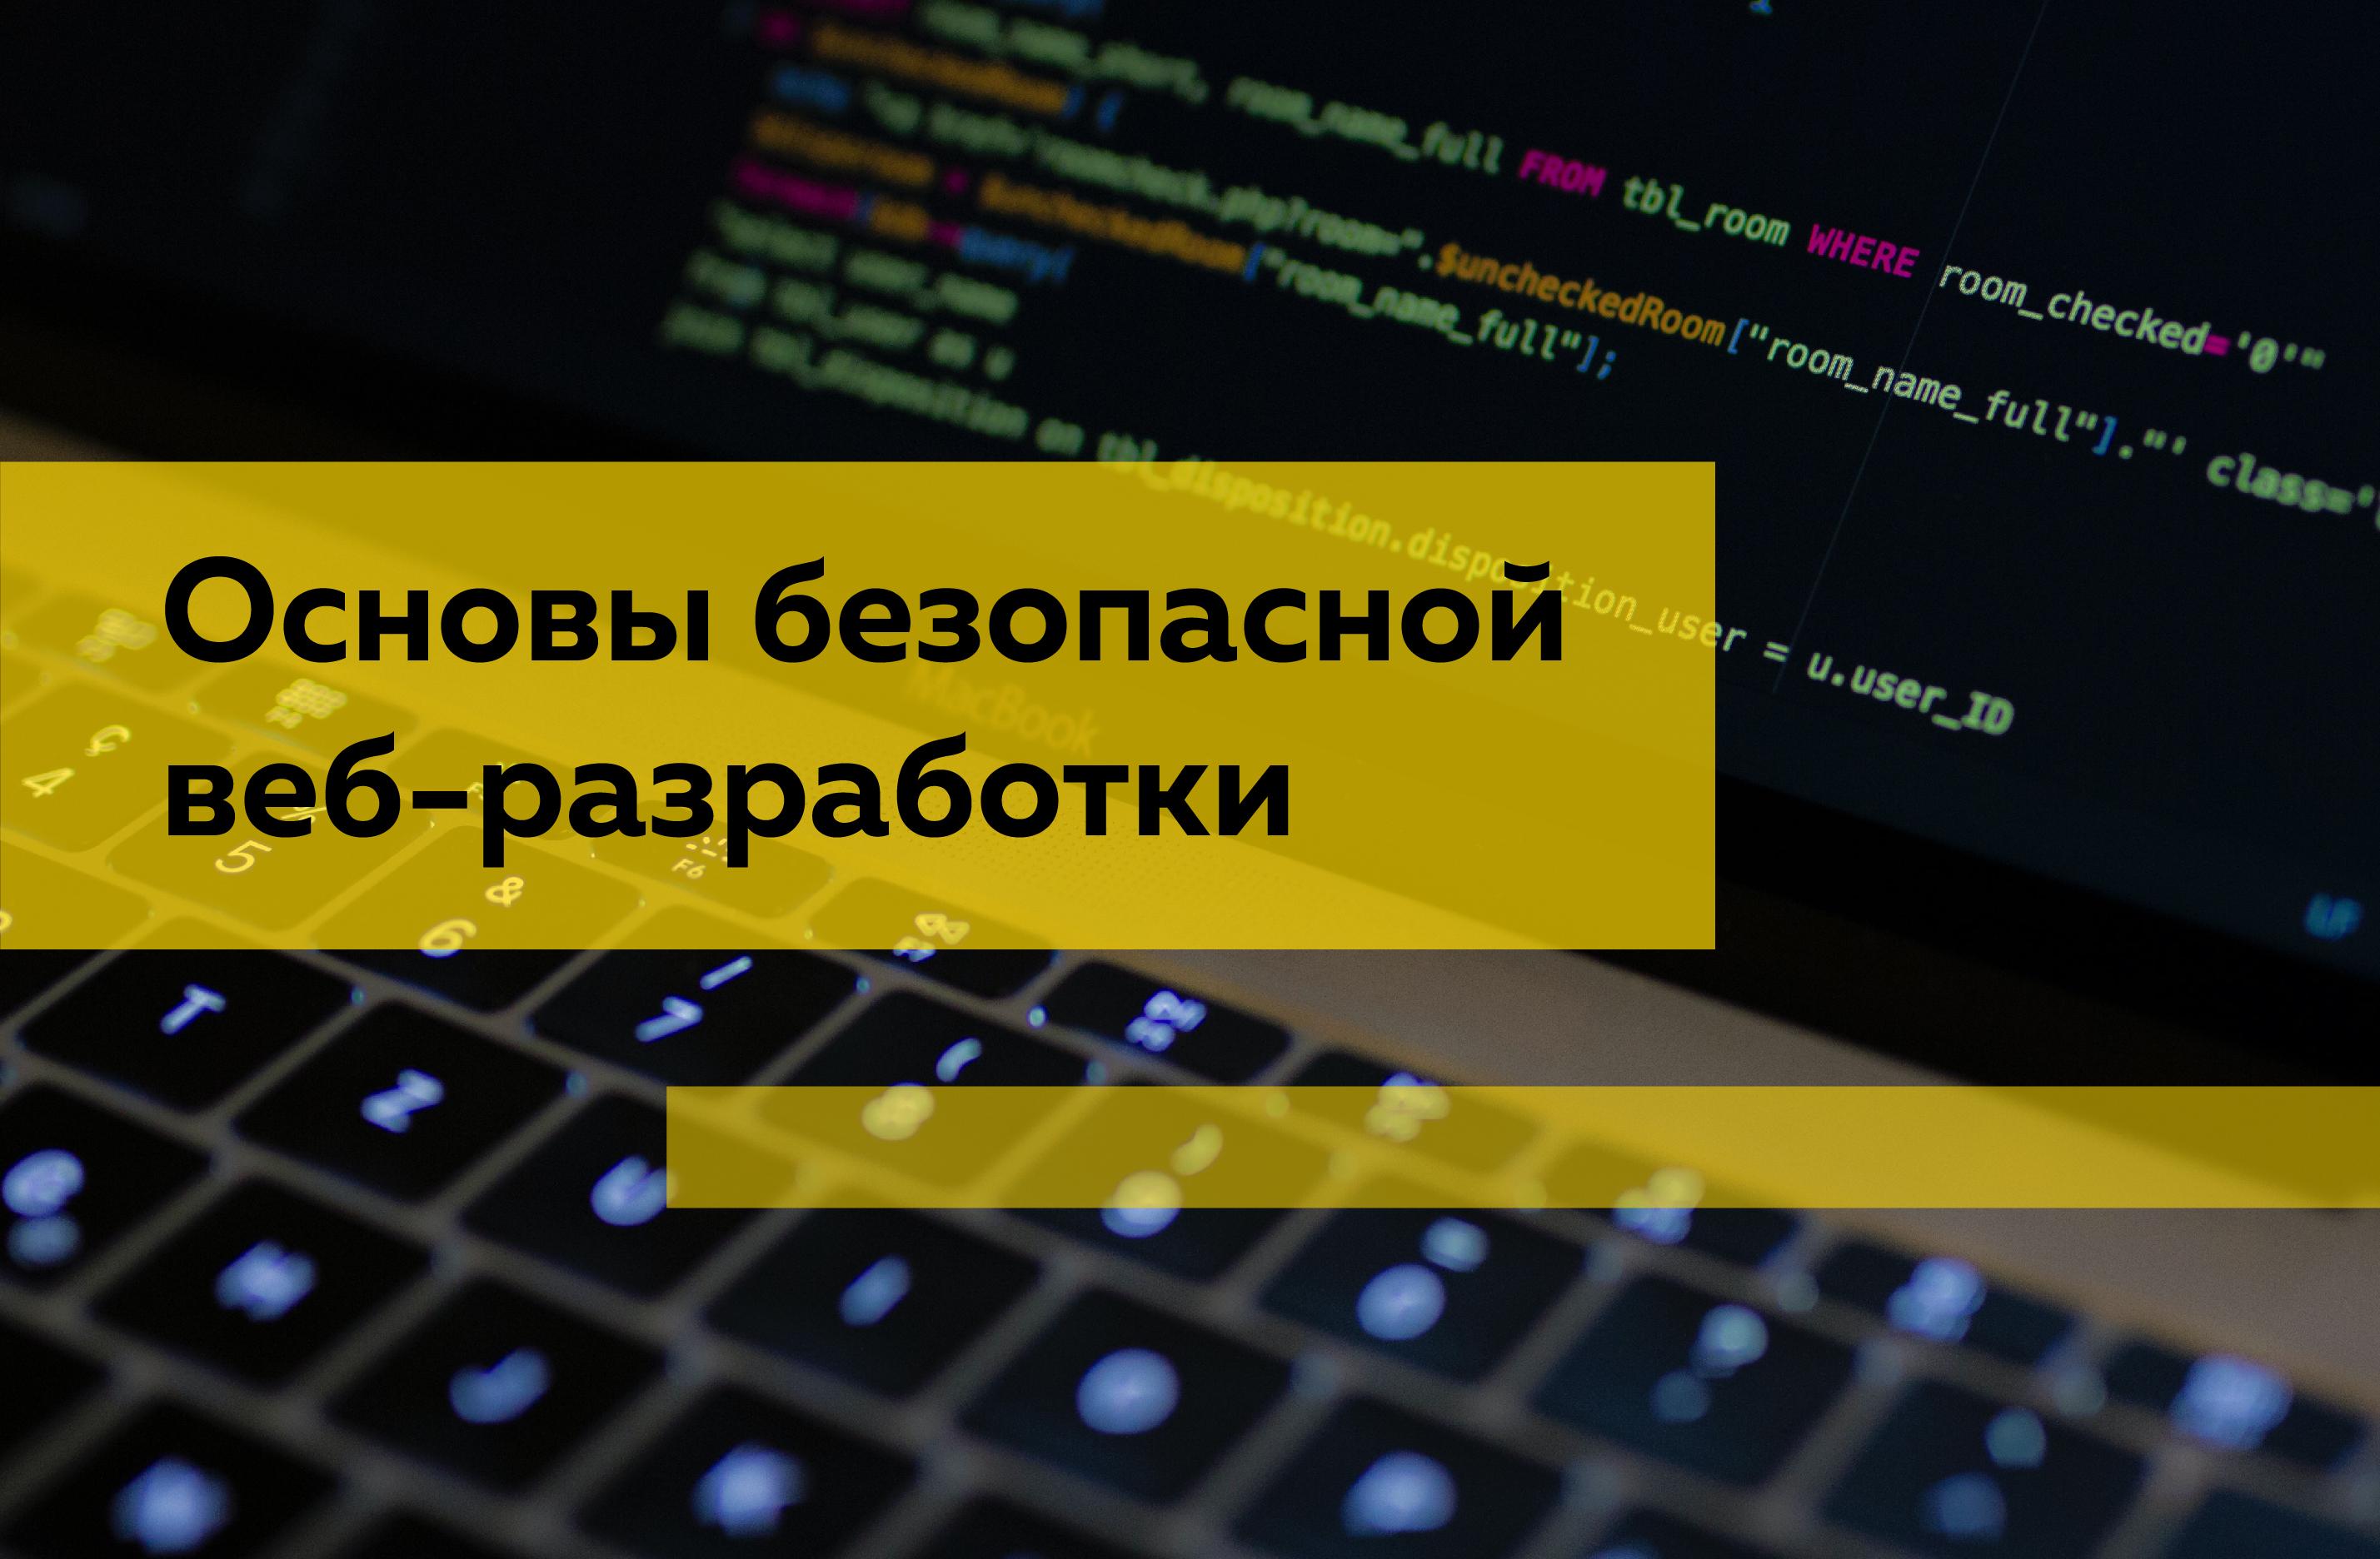 Основы безопасной веб-разработки